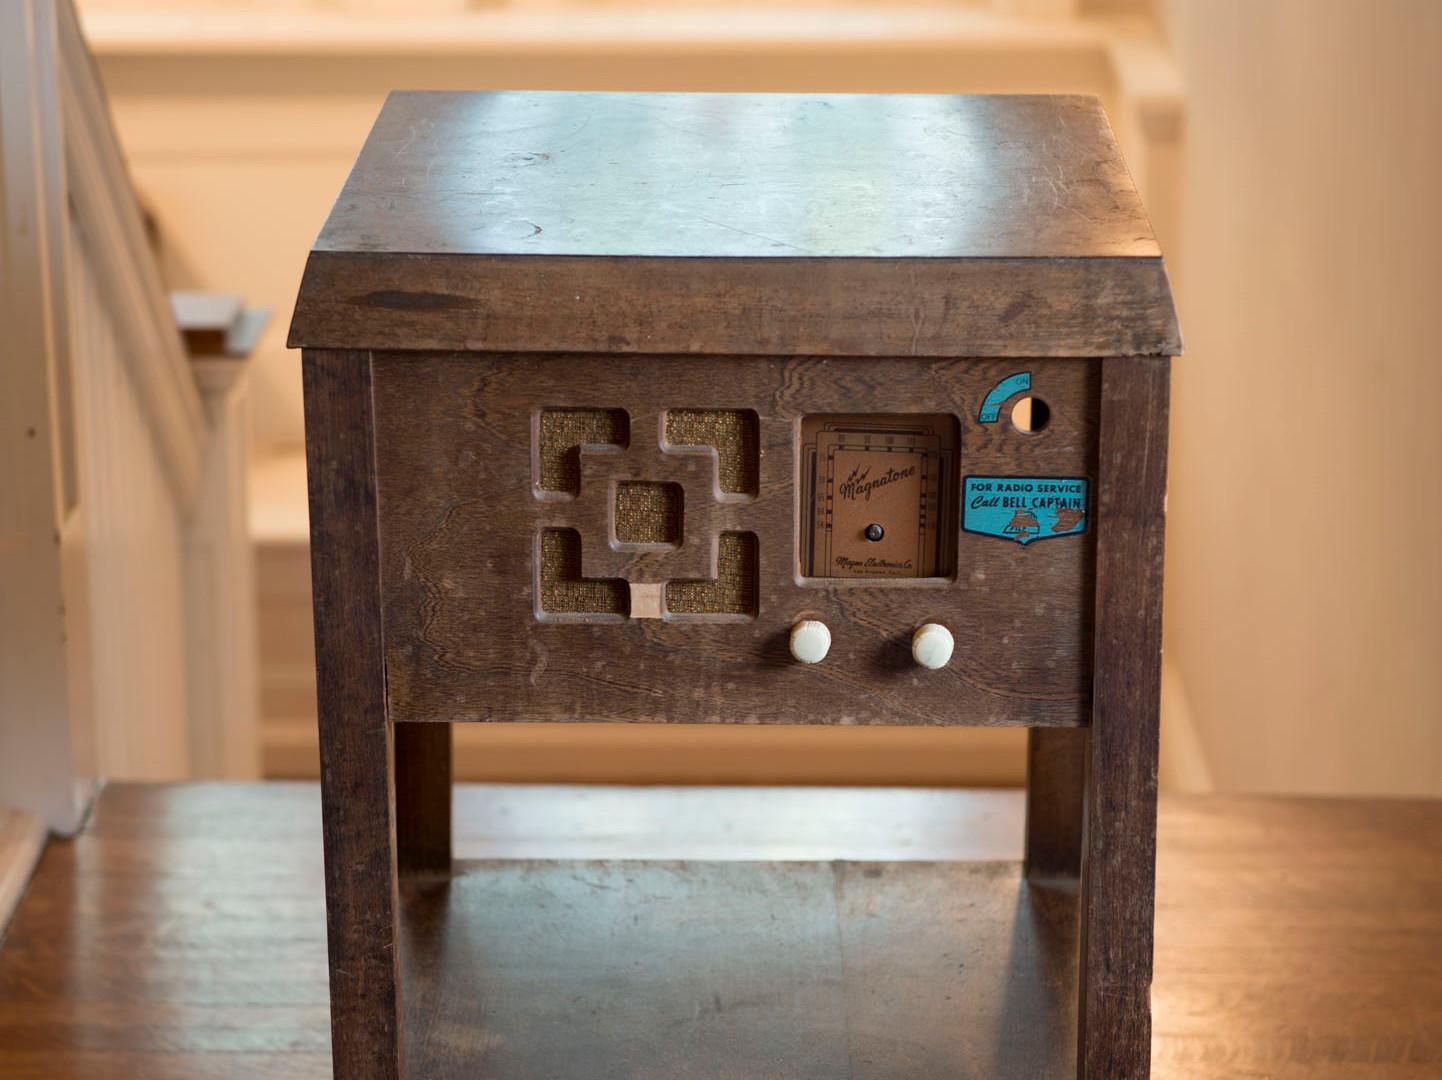 Table radio.jpg